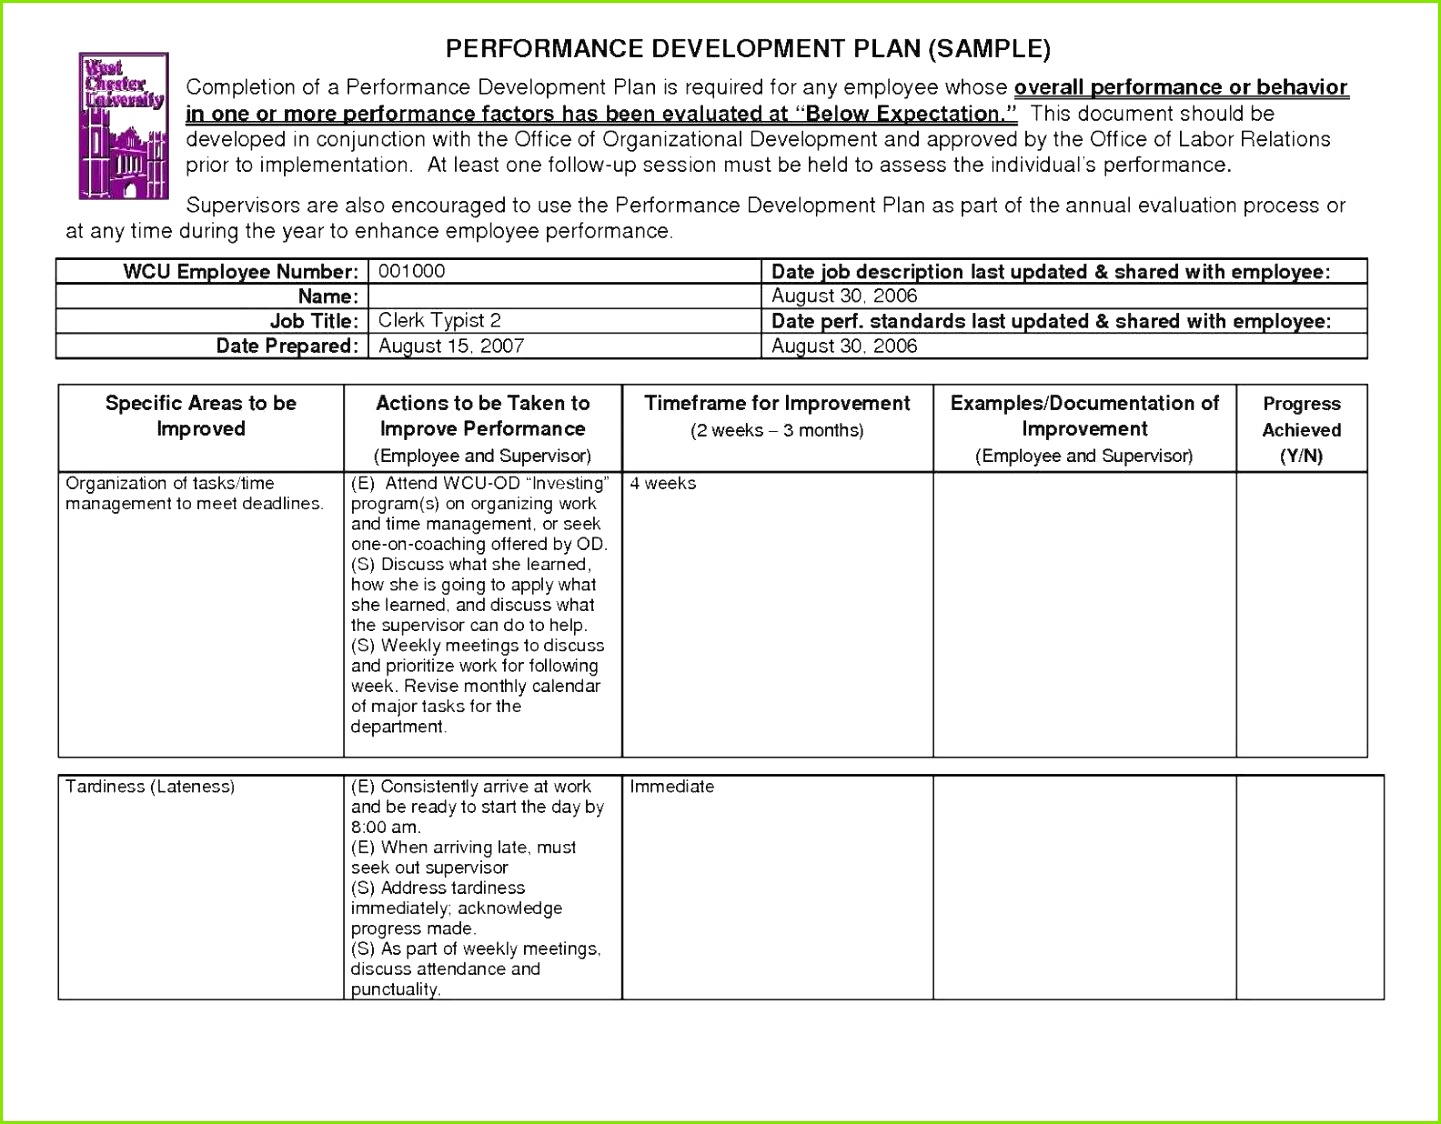 Bilanz Muster Excel Editierbar 57 Neu Bild Gewinn Und Verlustrechnung Kleinunternehmer Vorlage Neu Bilanz Muster